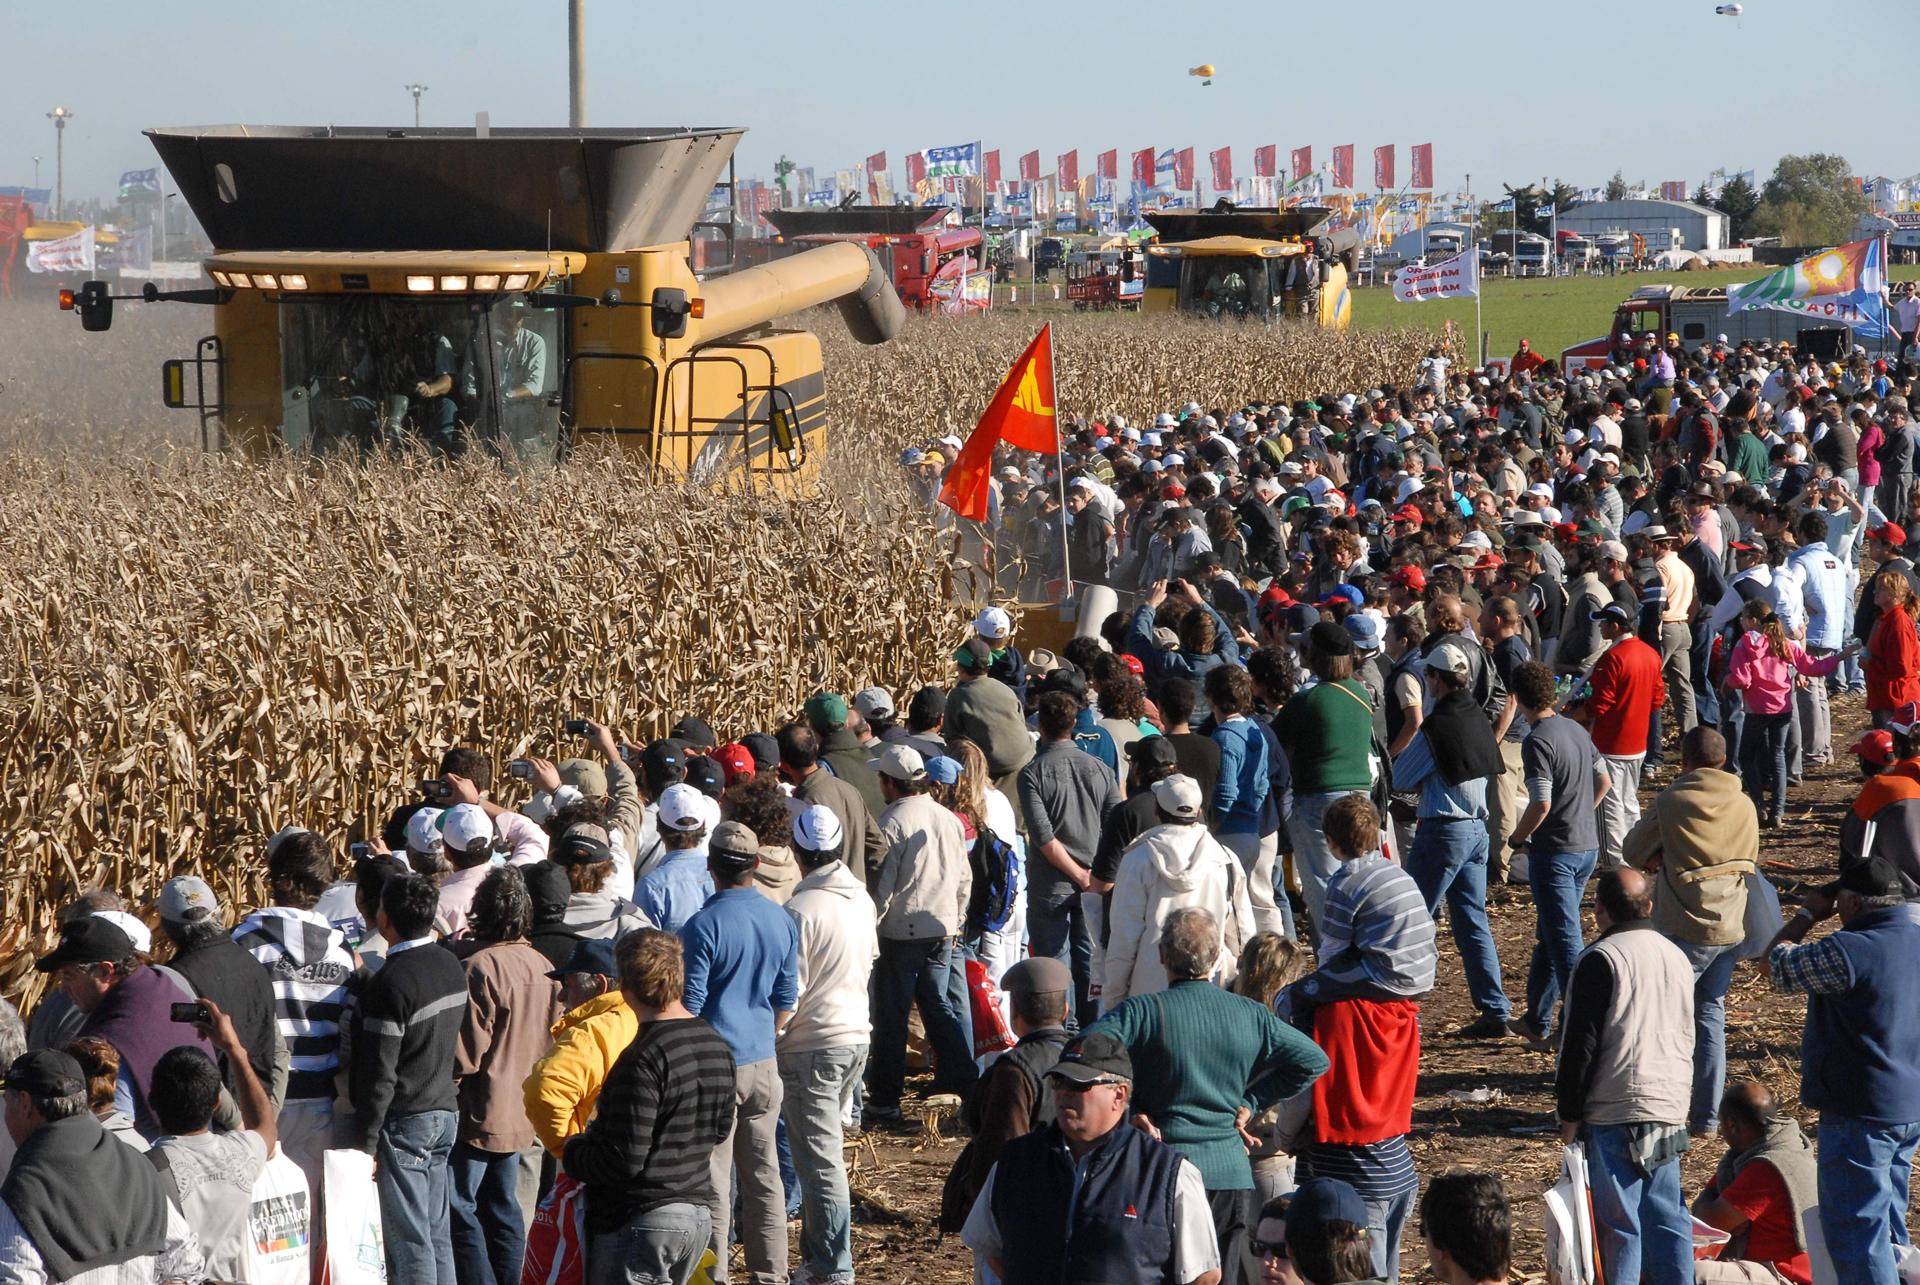 El sector agropecuario aparece en el horizonte como la moneda de cambio para la reactivación de la economía argentina y el 2019 comenzó con noticias positivas de la mano de una muy buena cosecha